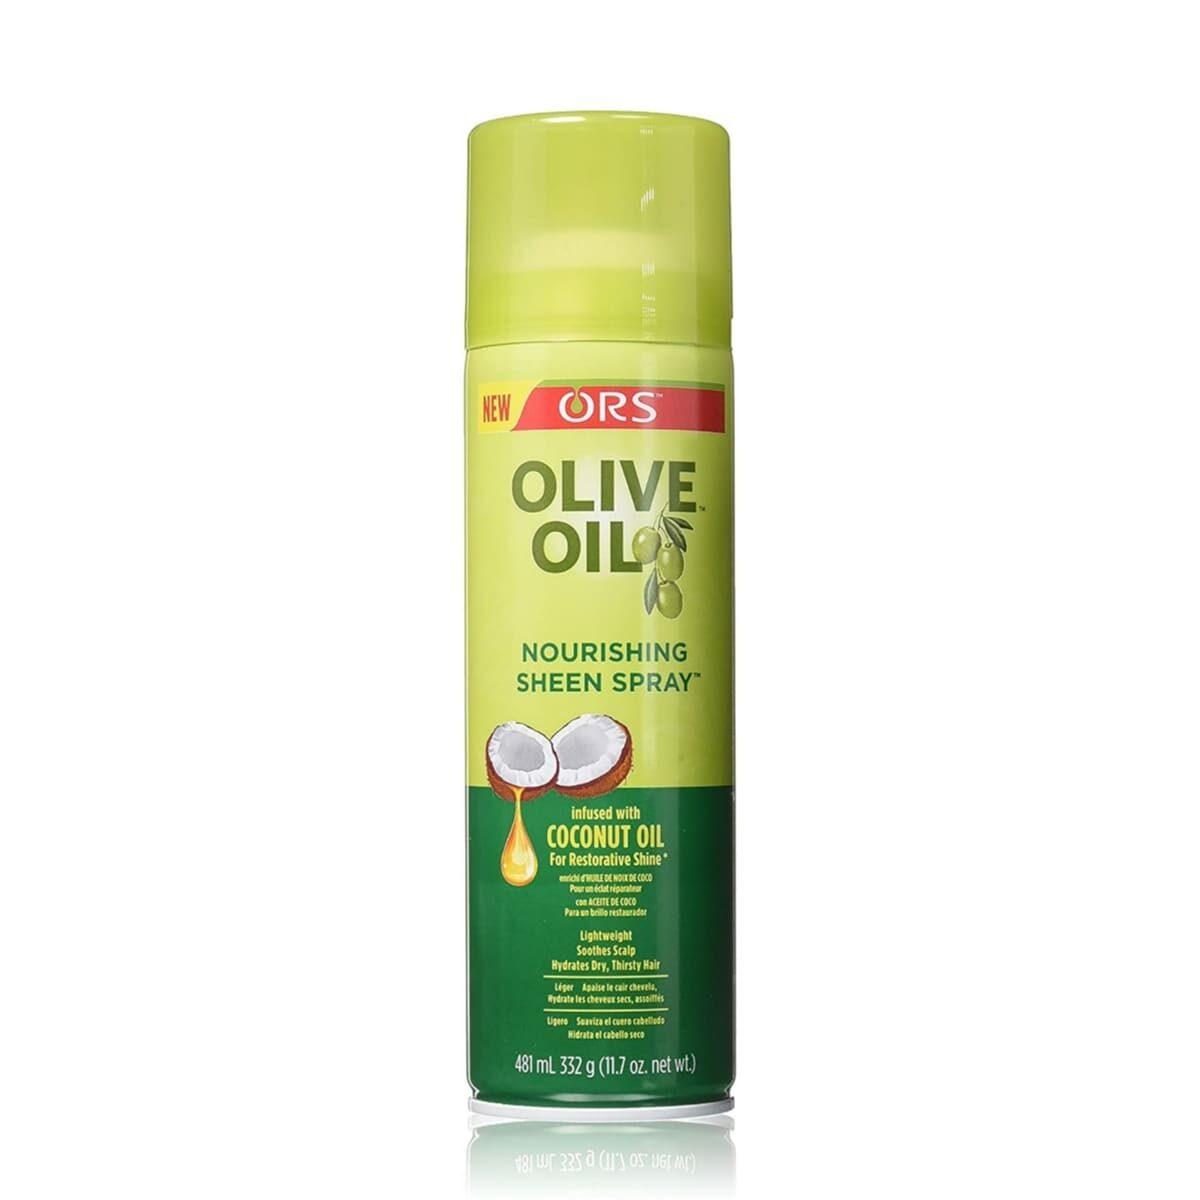 comprar-cosmetico-vegano-spray-nourishing-coconut-oil-ors-metodo-curly-trenzas-crochet-pelucas-www.muerebella.com